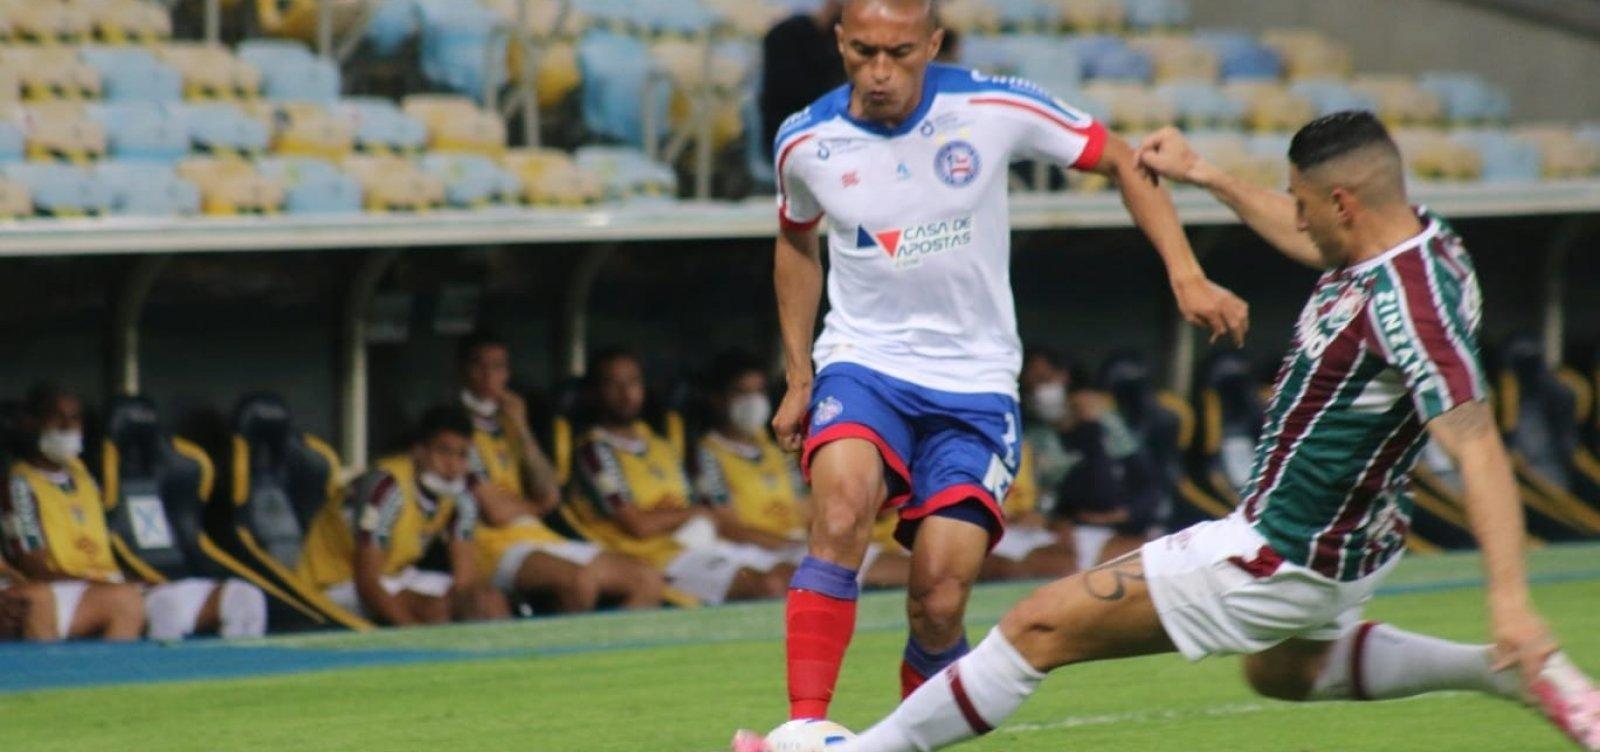 Bahia perde para o Fluminense e amarga sequência de oito jogos sem vencer